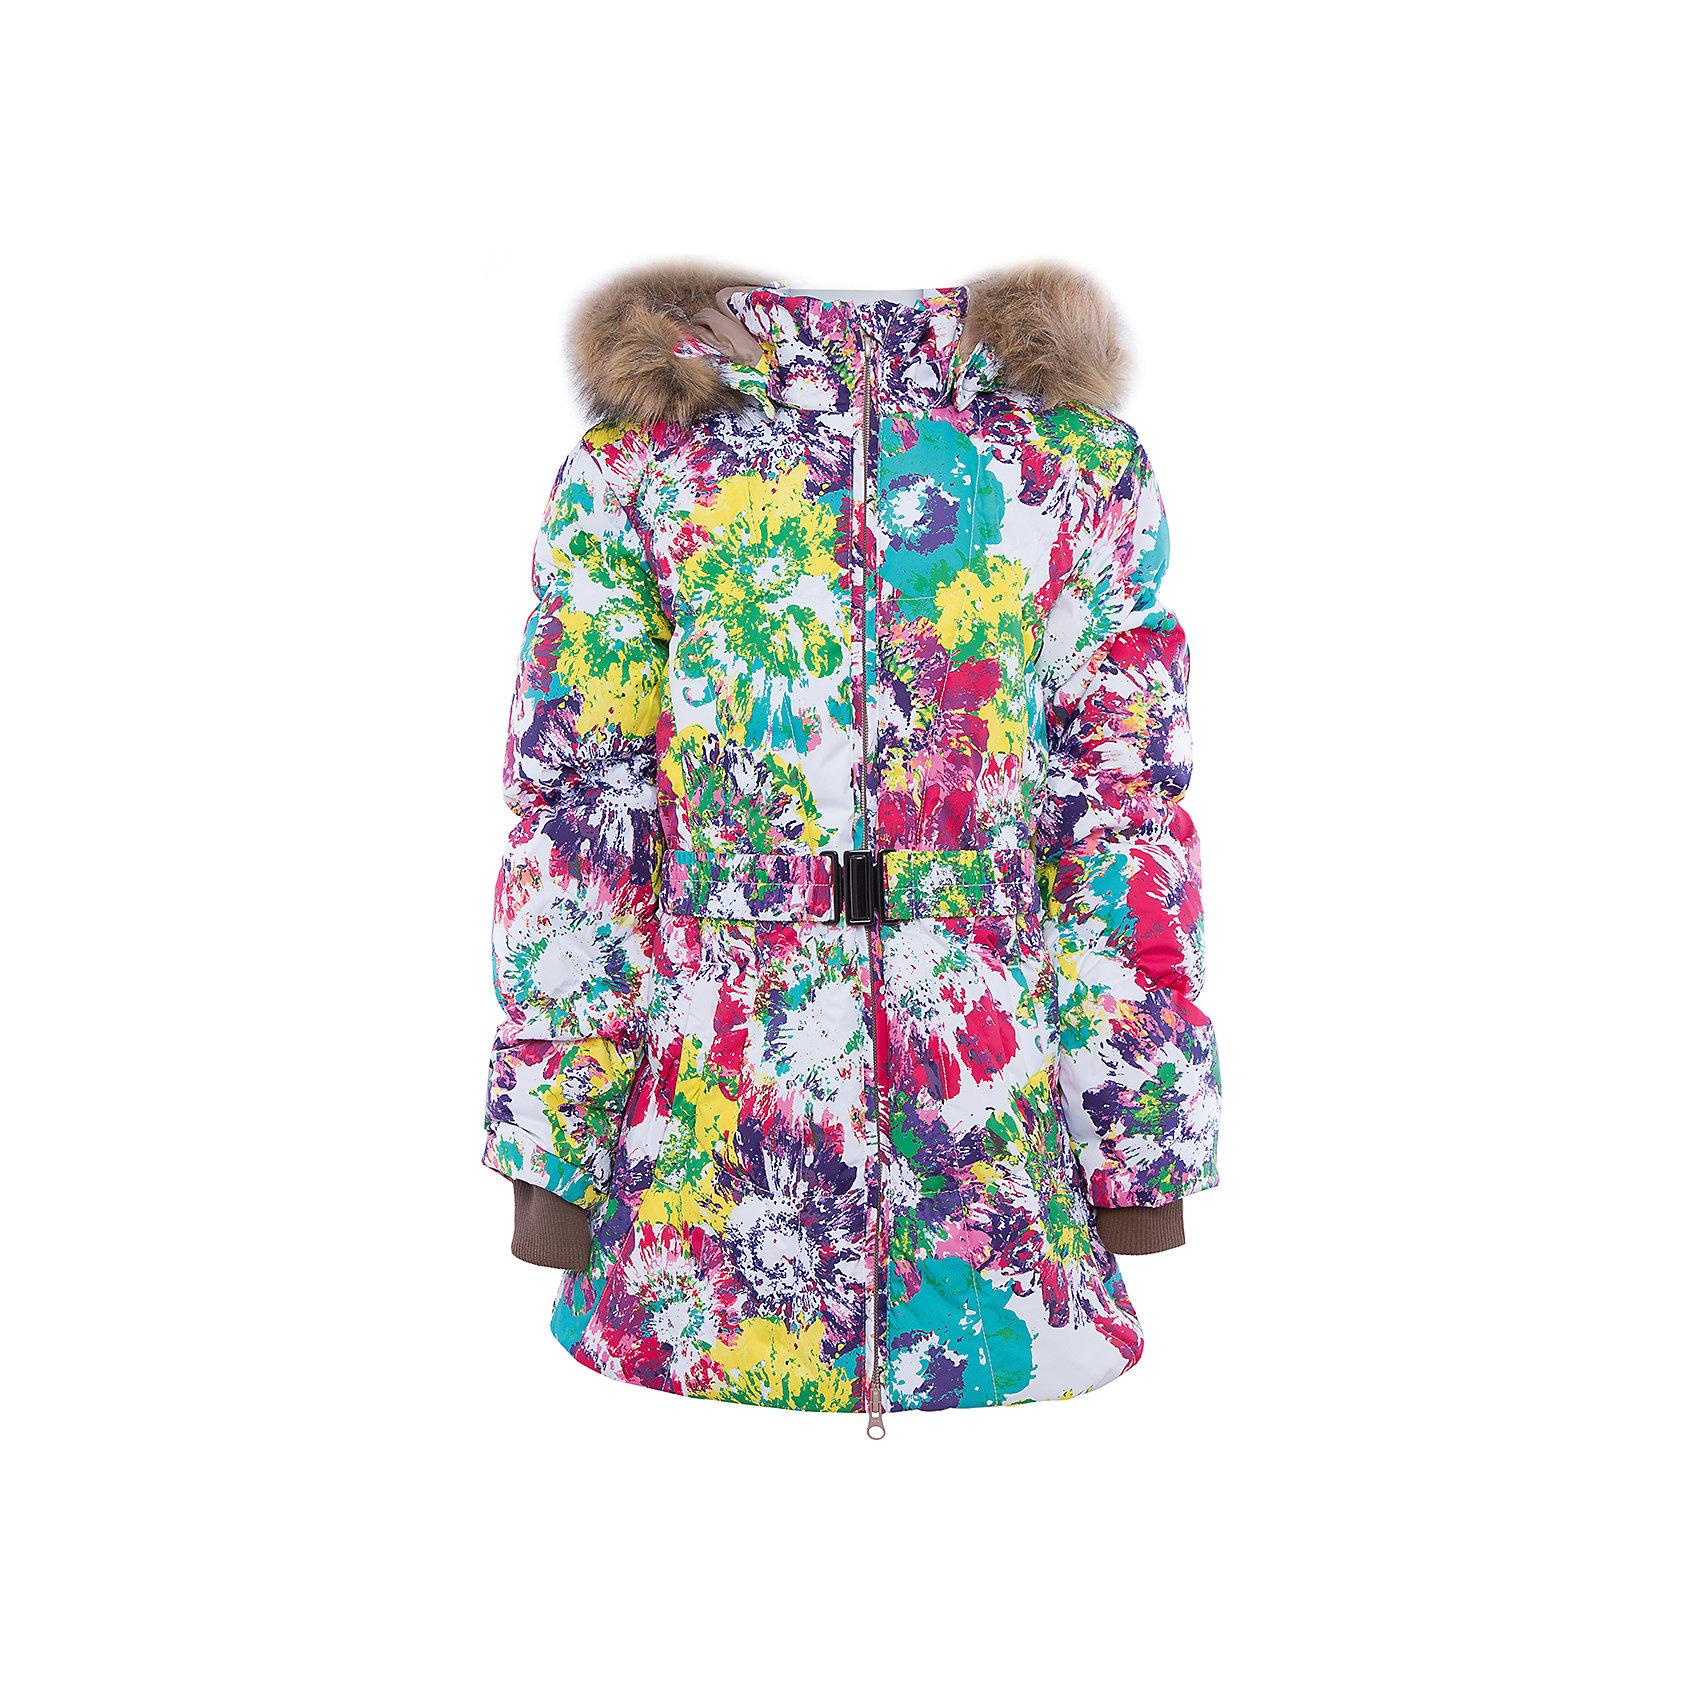 Куртка   для девочки HuppaСтильная и необычная куртка LESLIE1 Huppa(Хуппа).<br><br>Утеплитель: 50% пух, 50% перо<br><br>Температурный режим: до -30 градусов. Степень утепления – высокая. <br><br>* Температурный режим указан приблизительно — необходимо, прежде всего, ориентироваться на ощущения ребенка. Температурный режим работает в случае соблюдения правила многослойности – использования флисовой поддевы и термобелья.<br><br>Согреет ребенка в холод, а приятный дизайн всегда будет радовать!<br><br>Особенности:<br>-специальная мембрана, выводящая лишнюю влагу, не позволит ветру и воде проникнуть внутрь куртки<br>-большой и удобный капюшон <br>-высококачественный гусиный пух<br>-светоотражающие элементы<br>-яркая расцветка<br>-капюшон с отстегивающимся мехом<br><br>Дополнительная информация:<br>Материал: 100% полиэстер<br>Подкладка: тафта - 100% полиэстер<br><br>Куртку LESLIE1 Huppa(Хуппа) вы можете приобрести в нашем интернет-магазине.<br><br>Ширина мм: 356<br>Глубина мм: 10<br>Высота мм: 245<br>Вес г: 519<br>Цвет: белый<br>Возраст от месяцев: 144<br>Возраст до месяцев: 156<br>Пол: Женский<br>Возраст: Детский<br>Размер: 158,152,164,104,110,116,122,128,134,140,146<br>SKU: 4928241